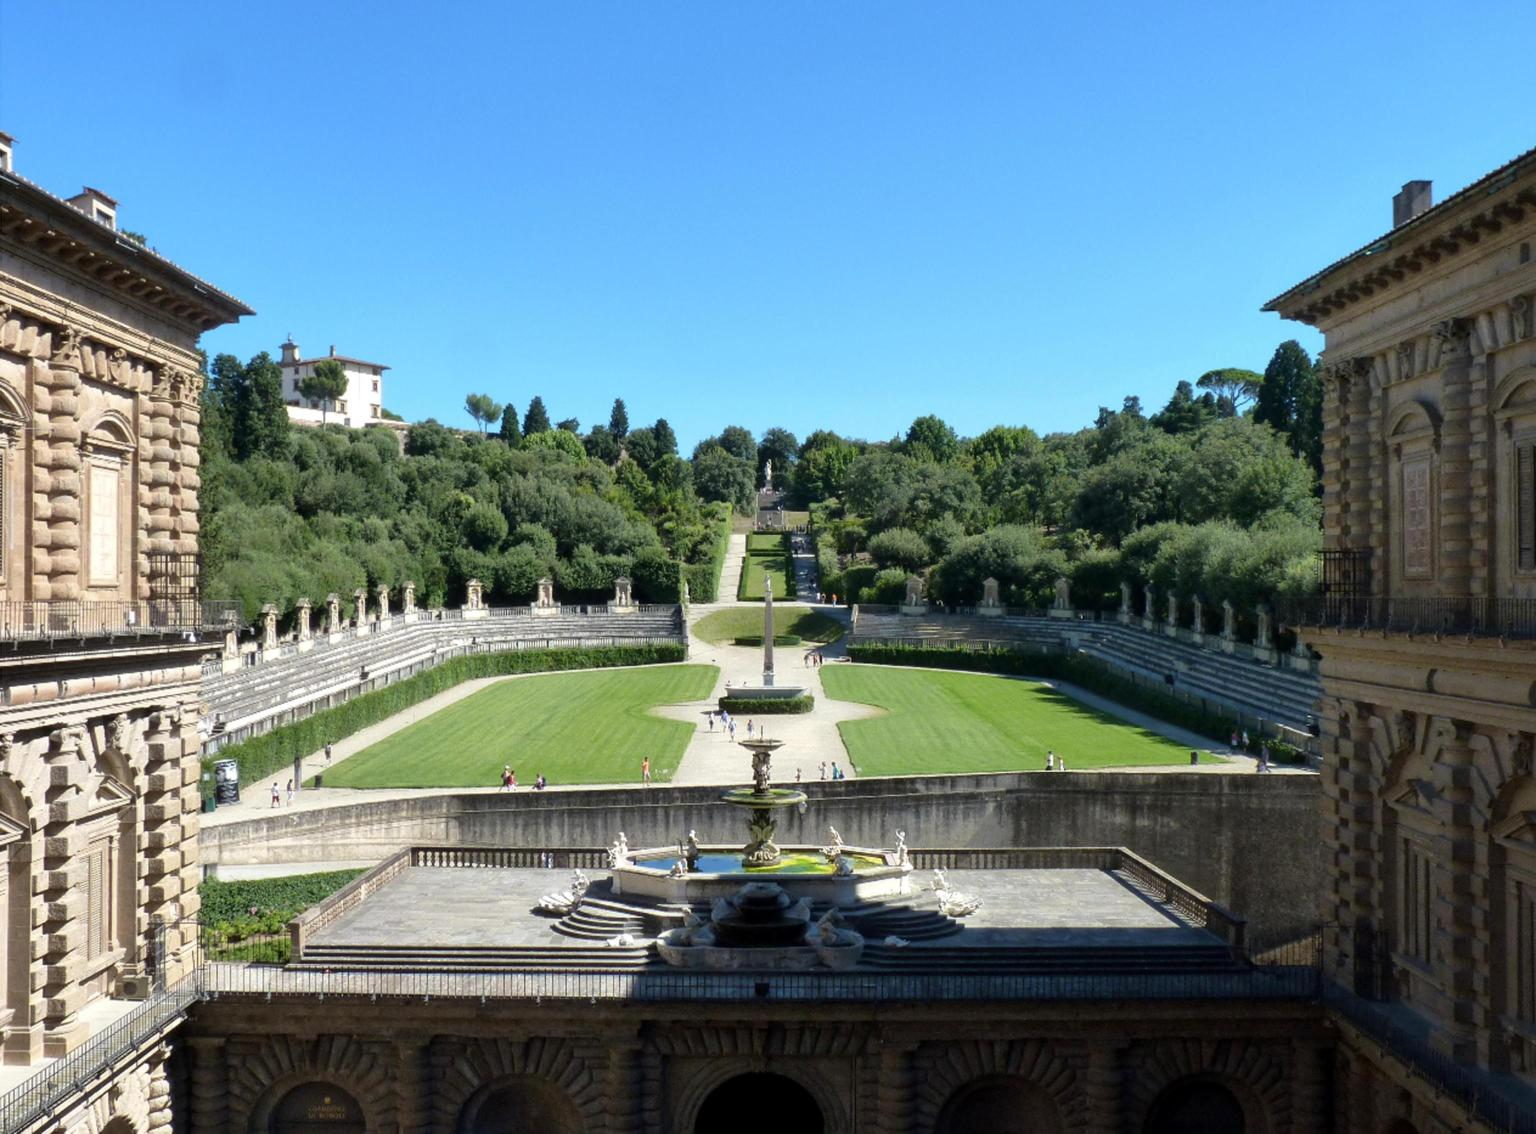 Unesco ville e giardini medicei diventano patrimonio for Giardini foto ville